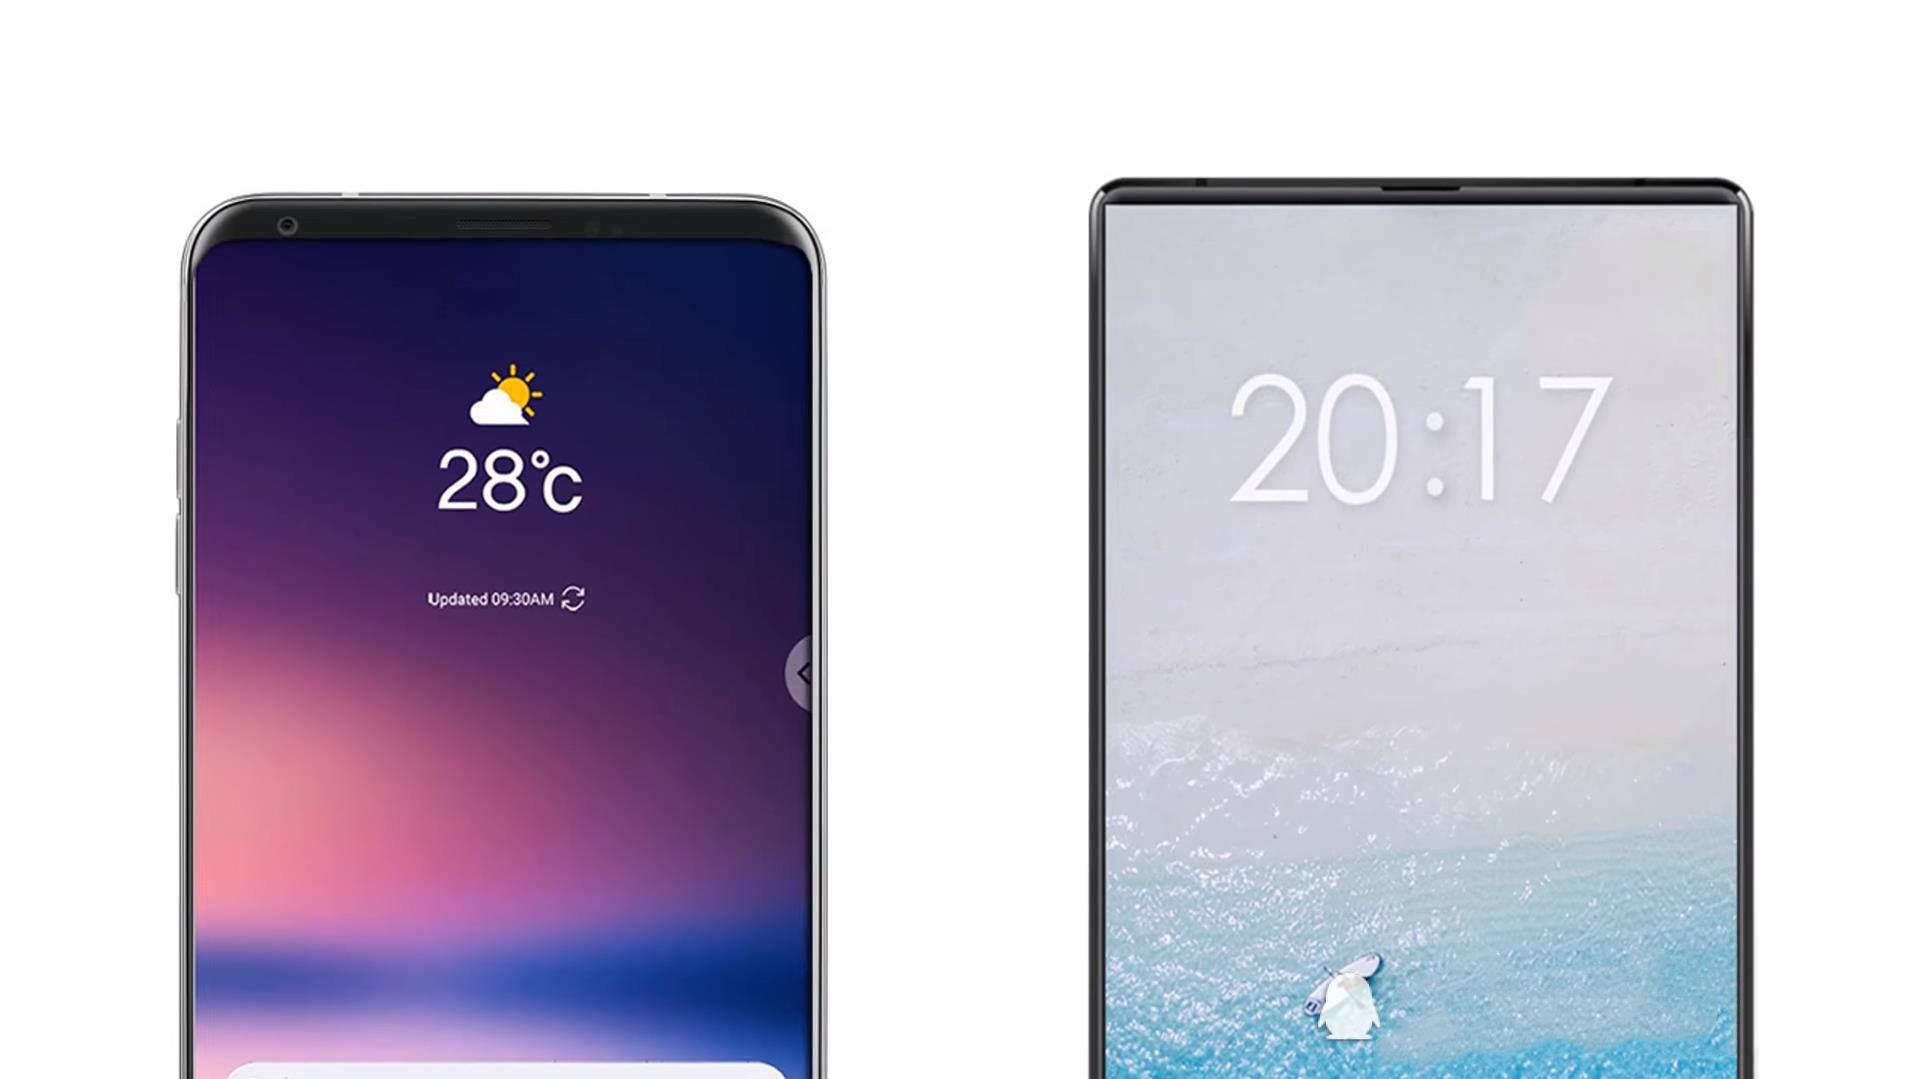 不止有大屏iPhone XL 2018最值得期待的手机盘点